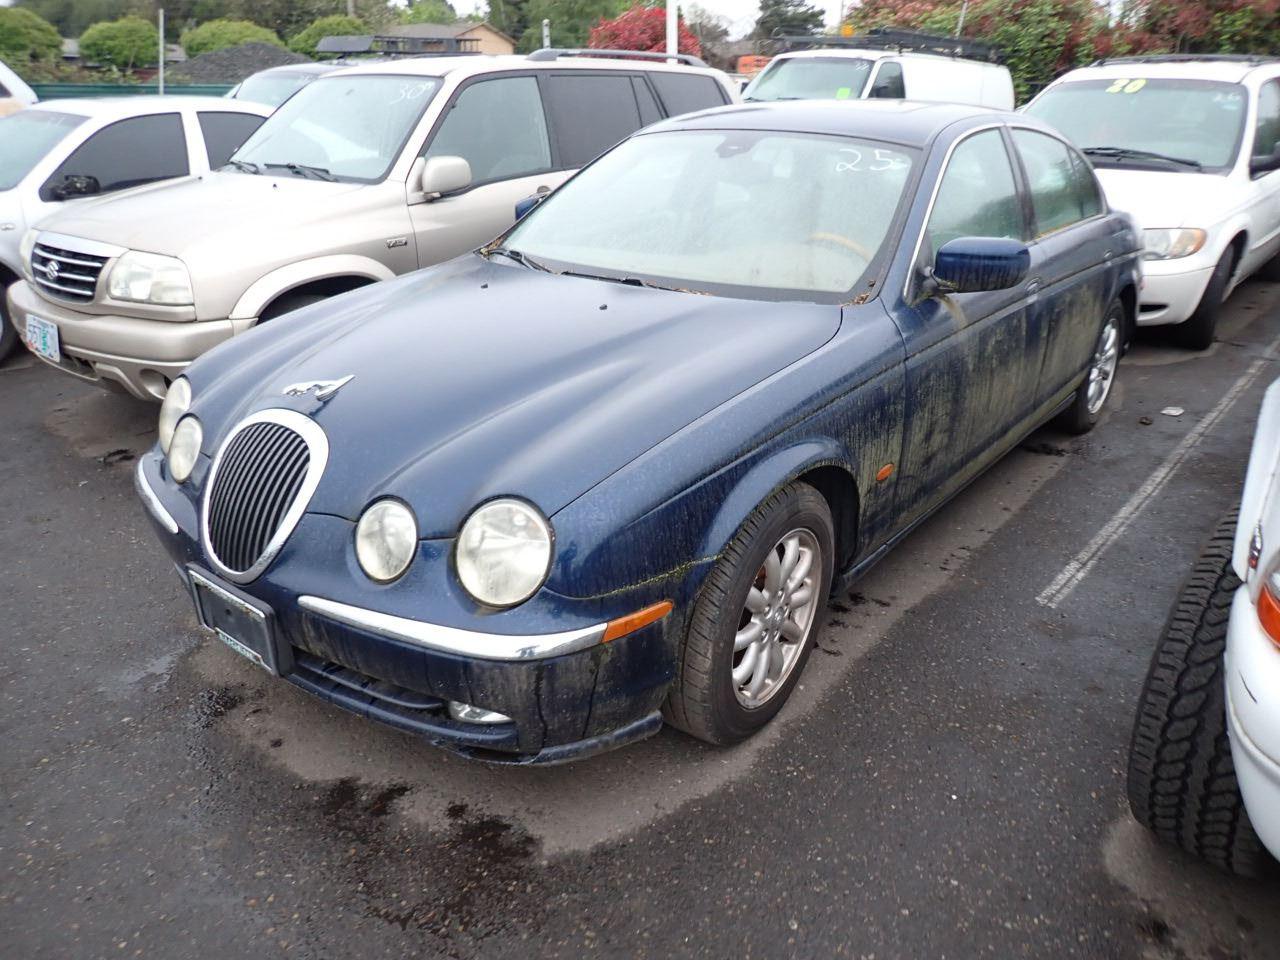 2001 Jaguar S-Type - Speeds Auto Auctions